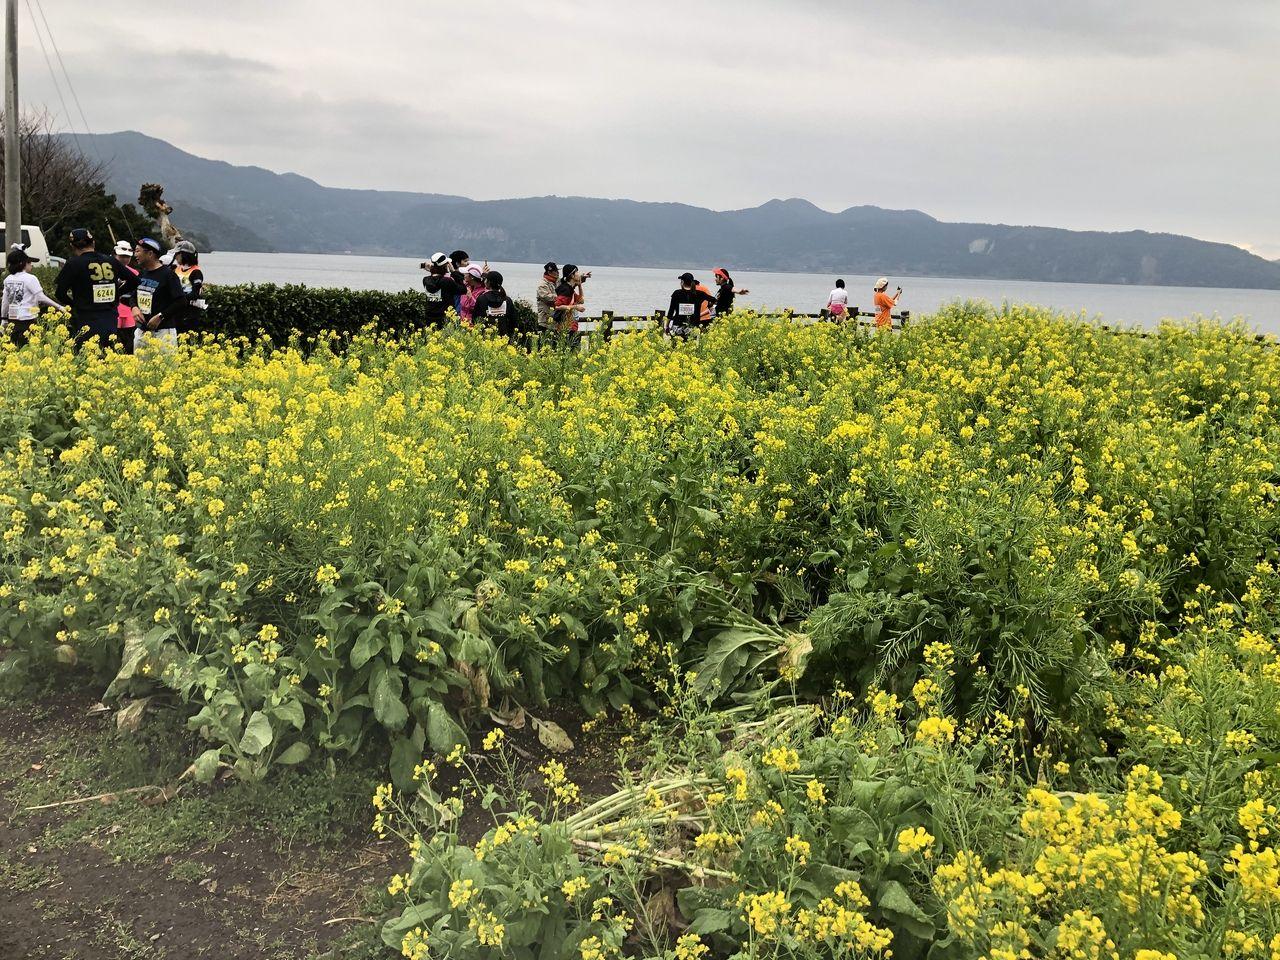 第39回いぶすき菜の花マラソンの途中で風景を写真撮影をしています。